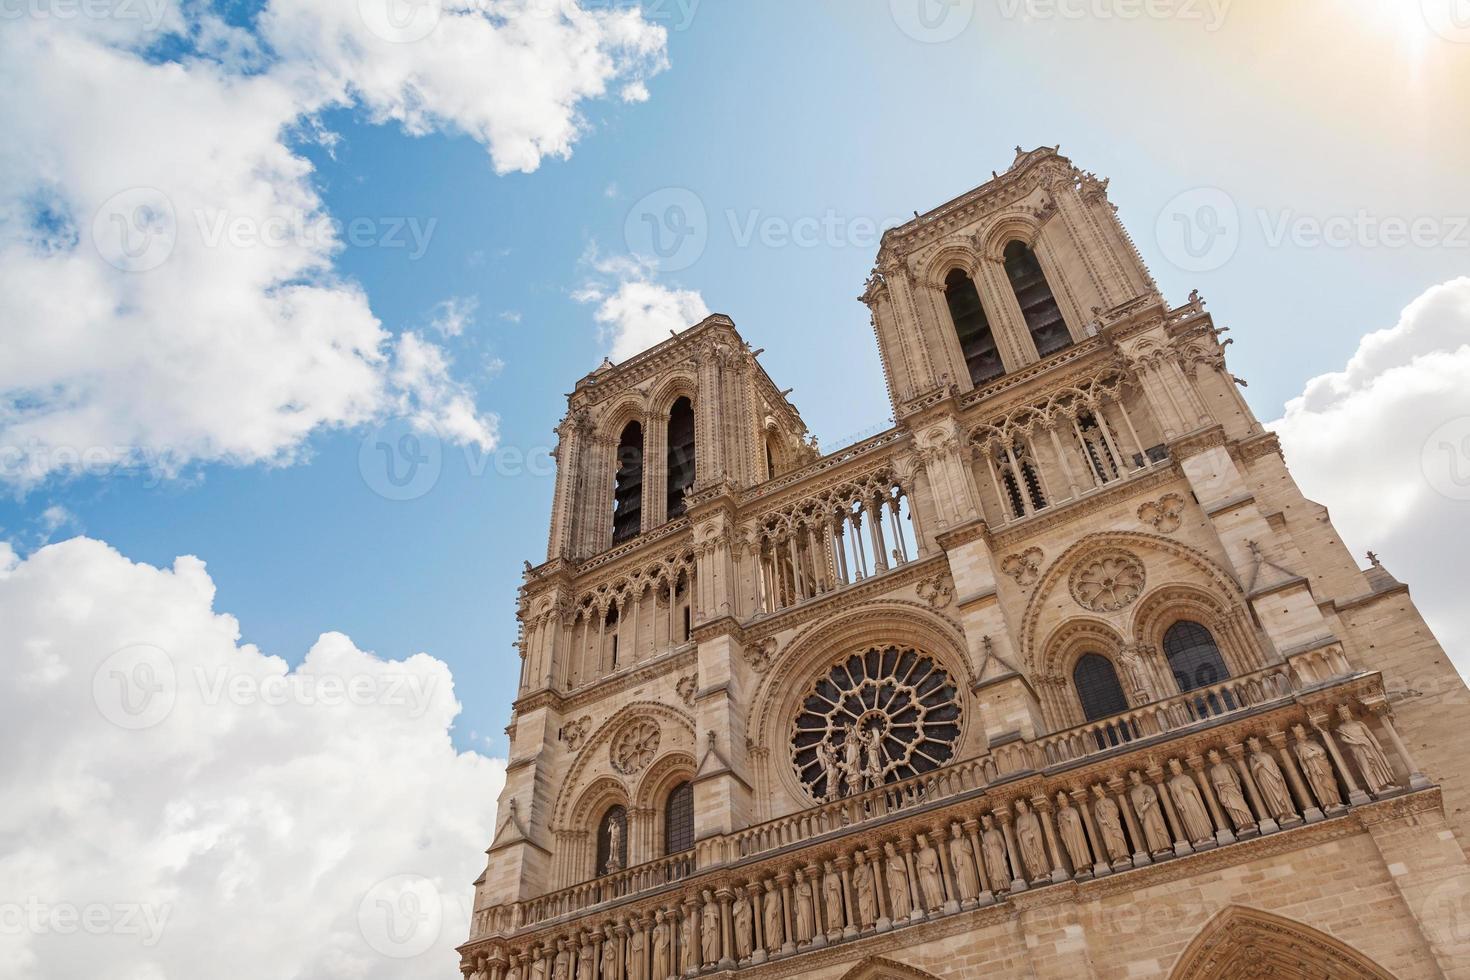 façade de la cathédrale notre dame de paris, france photo